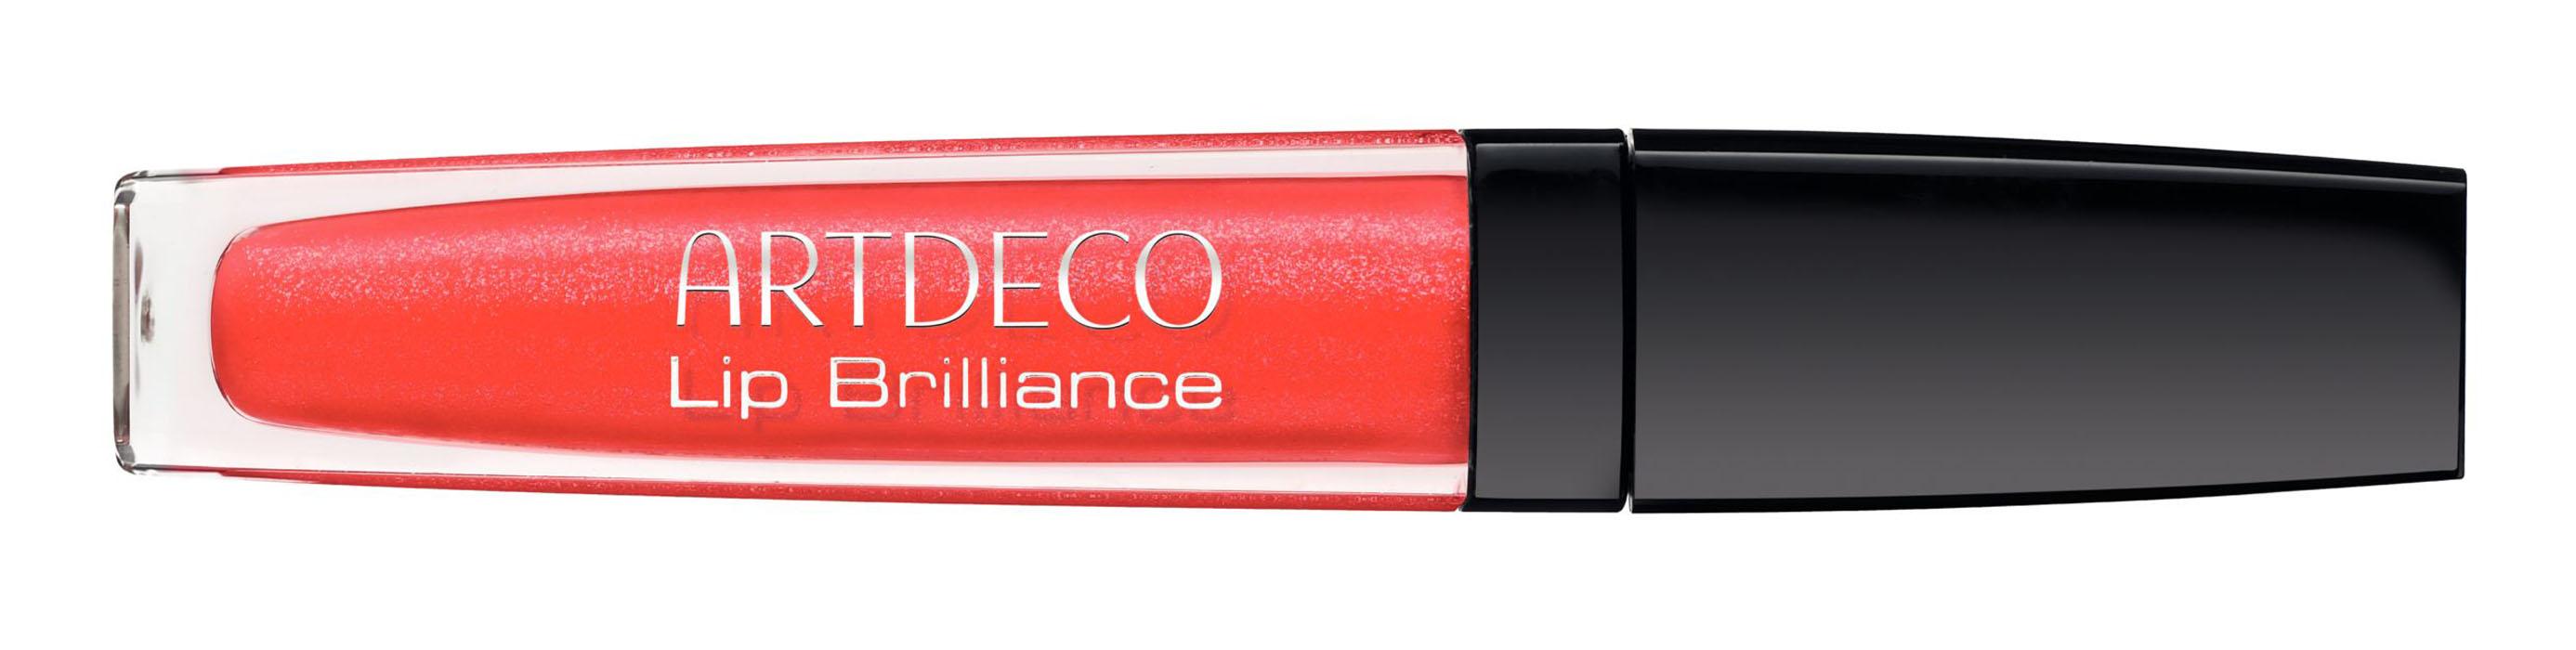 ARTDECO Блеск для губ устойчивый Fashion Colors BRILLIANCE 03, 5 мл195.03Легкая прозрачная формула создает разглаживающее покрытие с эффектом лифтинга, за счет чего помада ложится ровно, не собирается в складочки. Питательный комплекс ухаживает за губами. Стик смягчает натуральный цвет губ и дает возможность четко накрасить губы по контору и не исказить цвет помады. Увеличивает устойчивость помады, что значительно экономит ваши деньги и время.